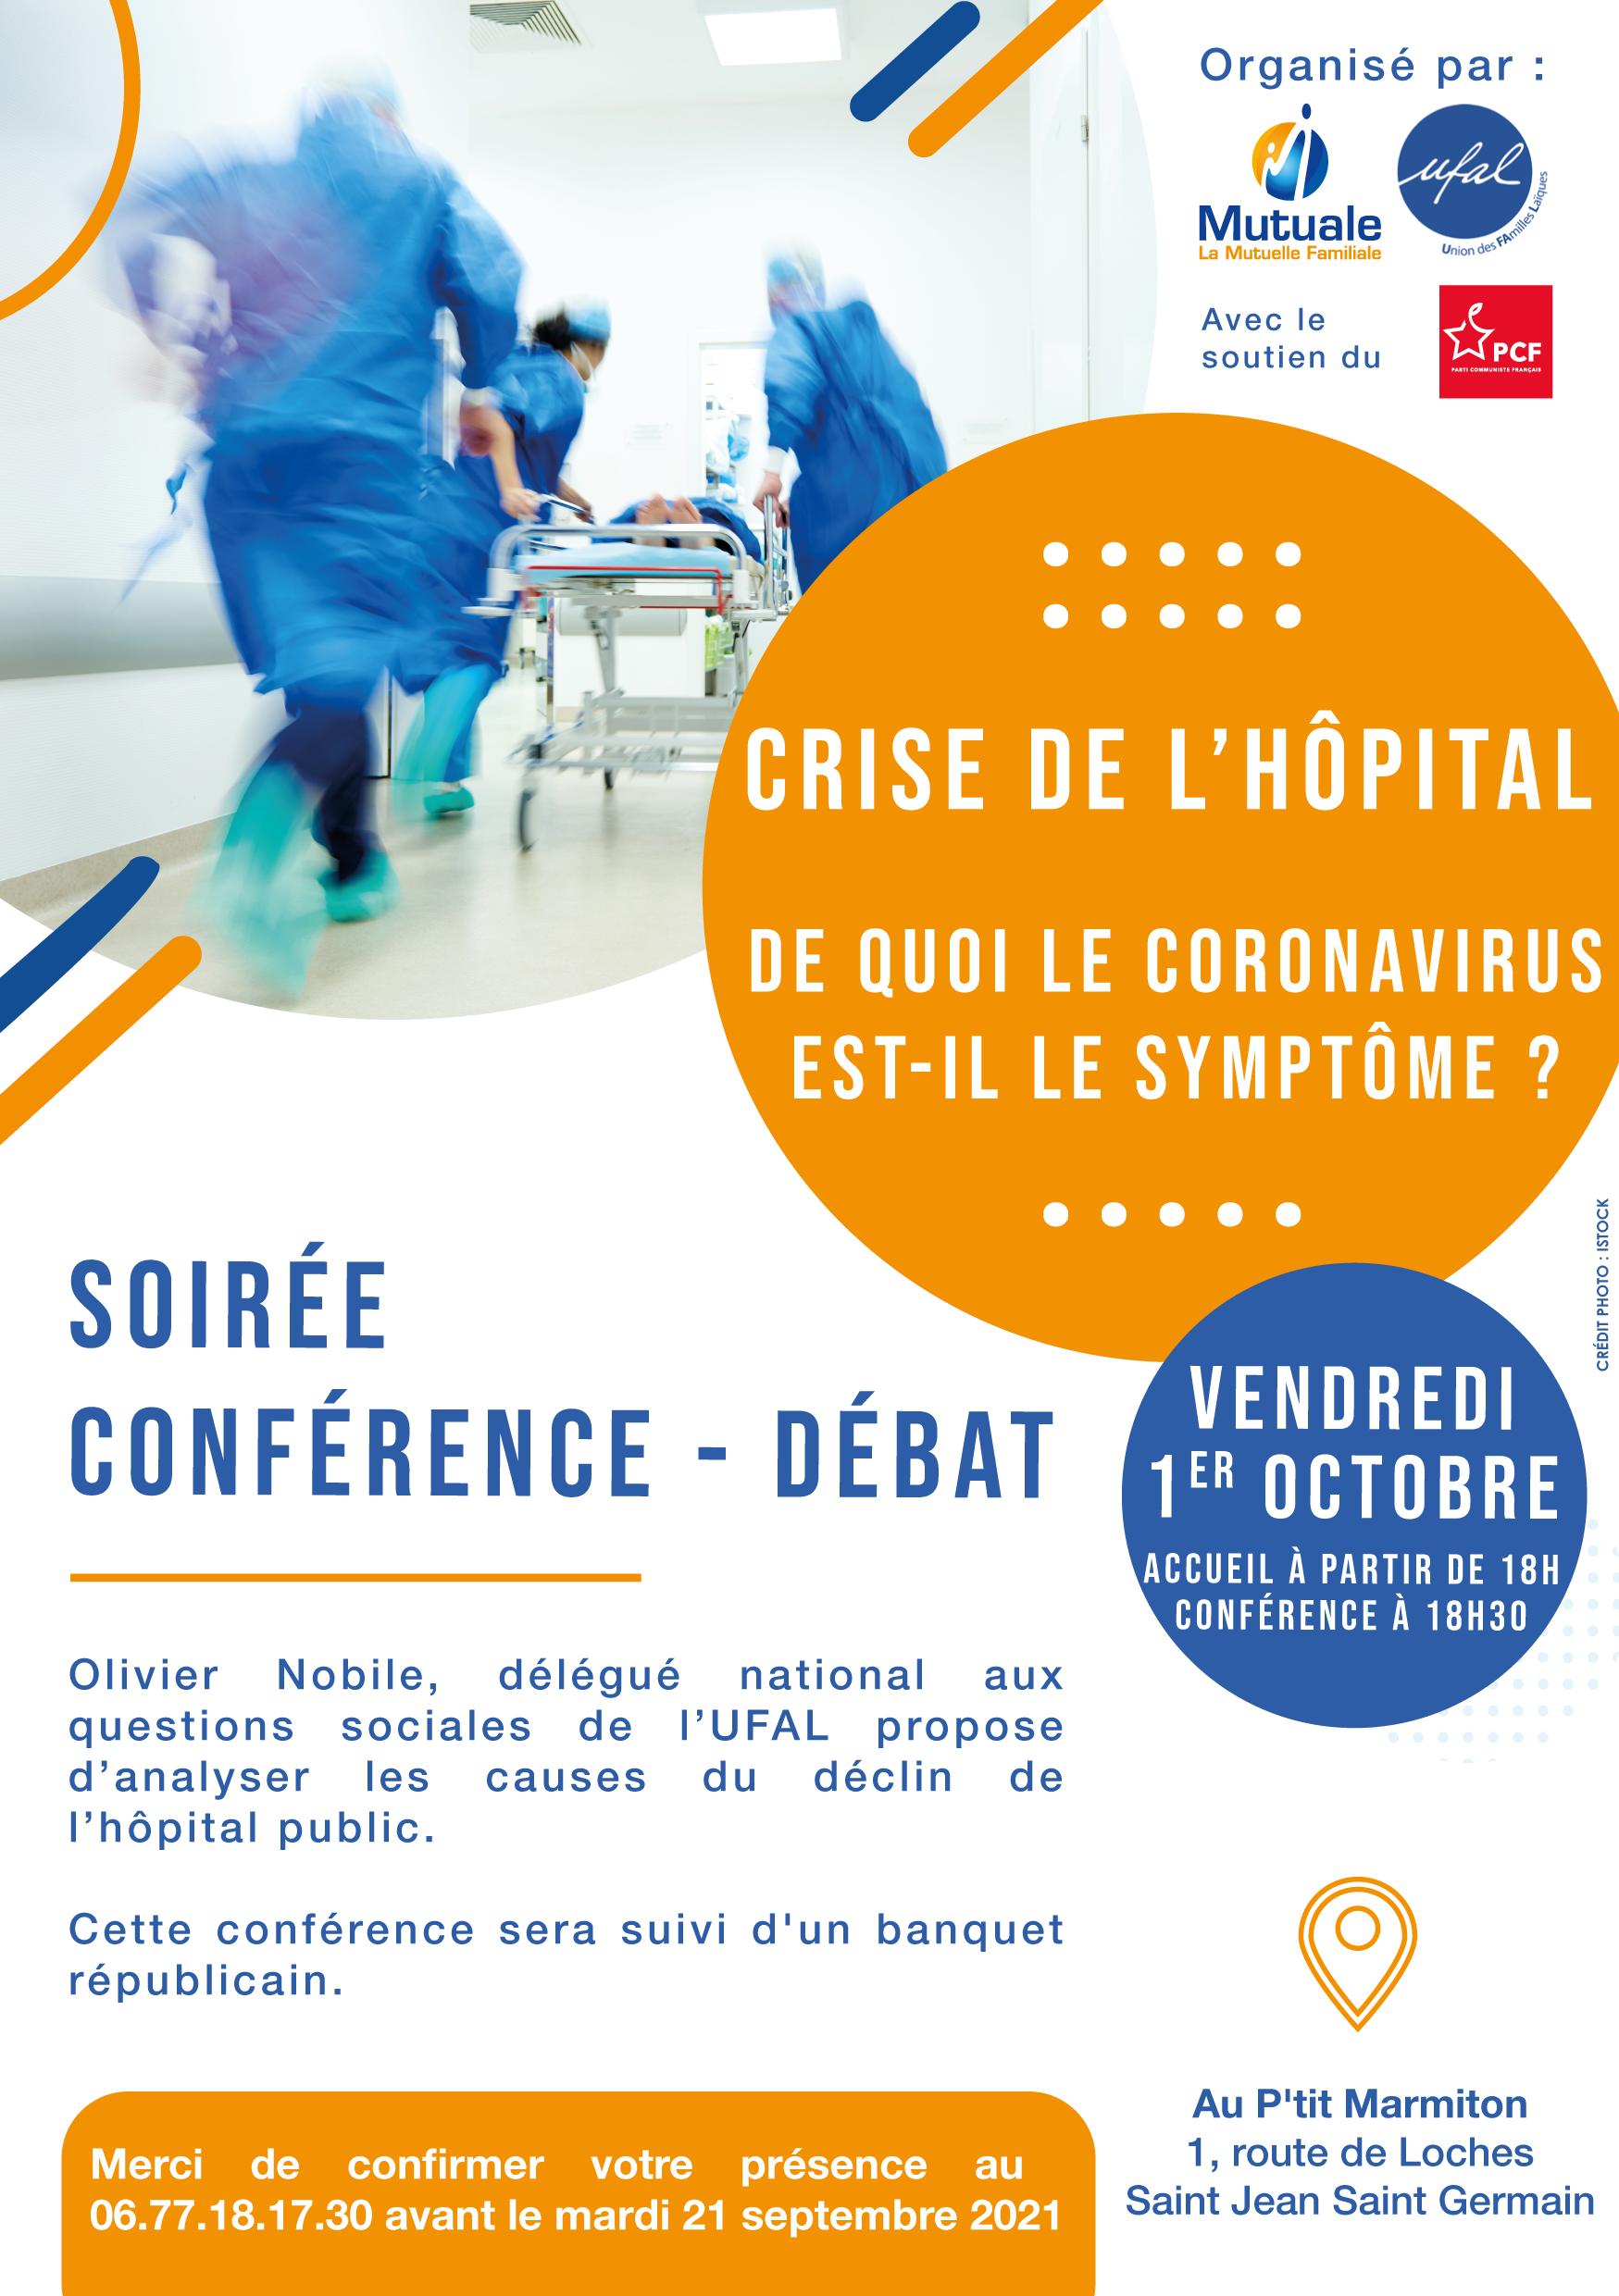 Conférence santé à Loches (37) le 1er octobre (réservée aux adhérents) @ P'tit Marmiton